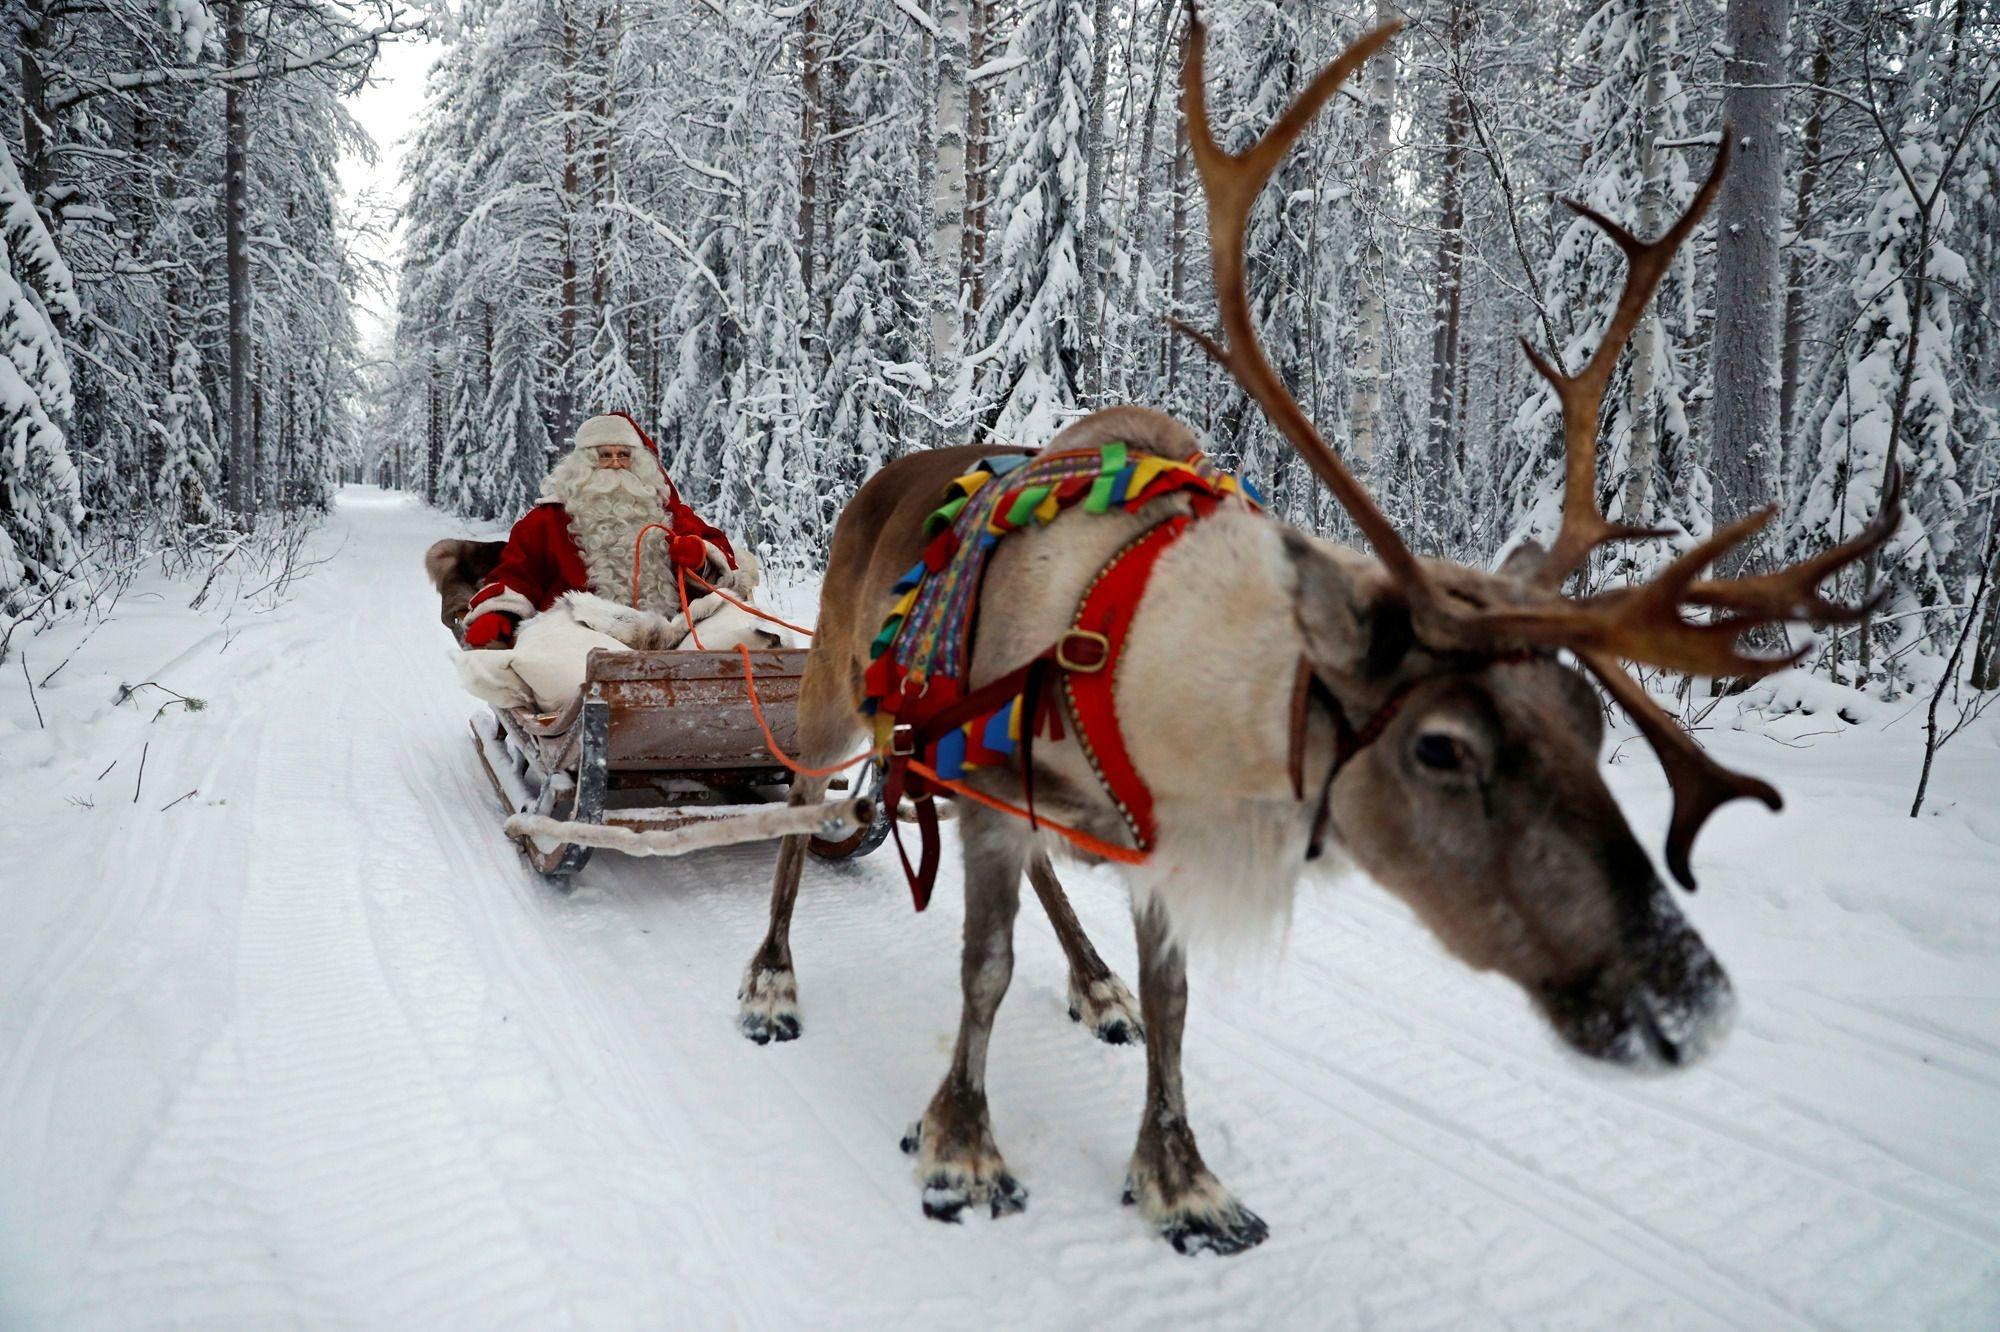 Le Père Noël pendant sa tournée. , Reuters